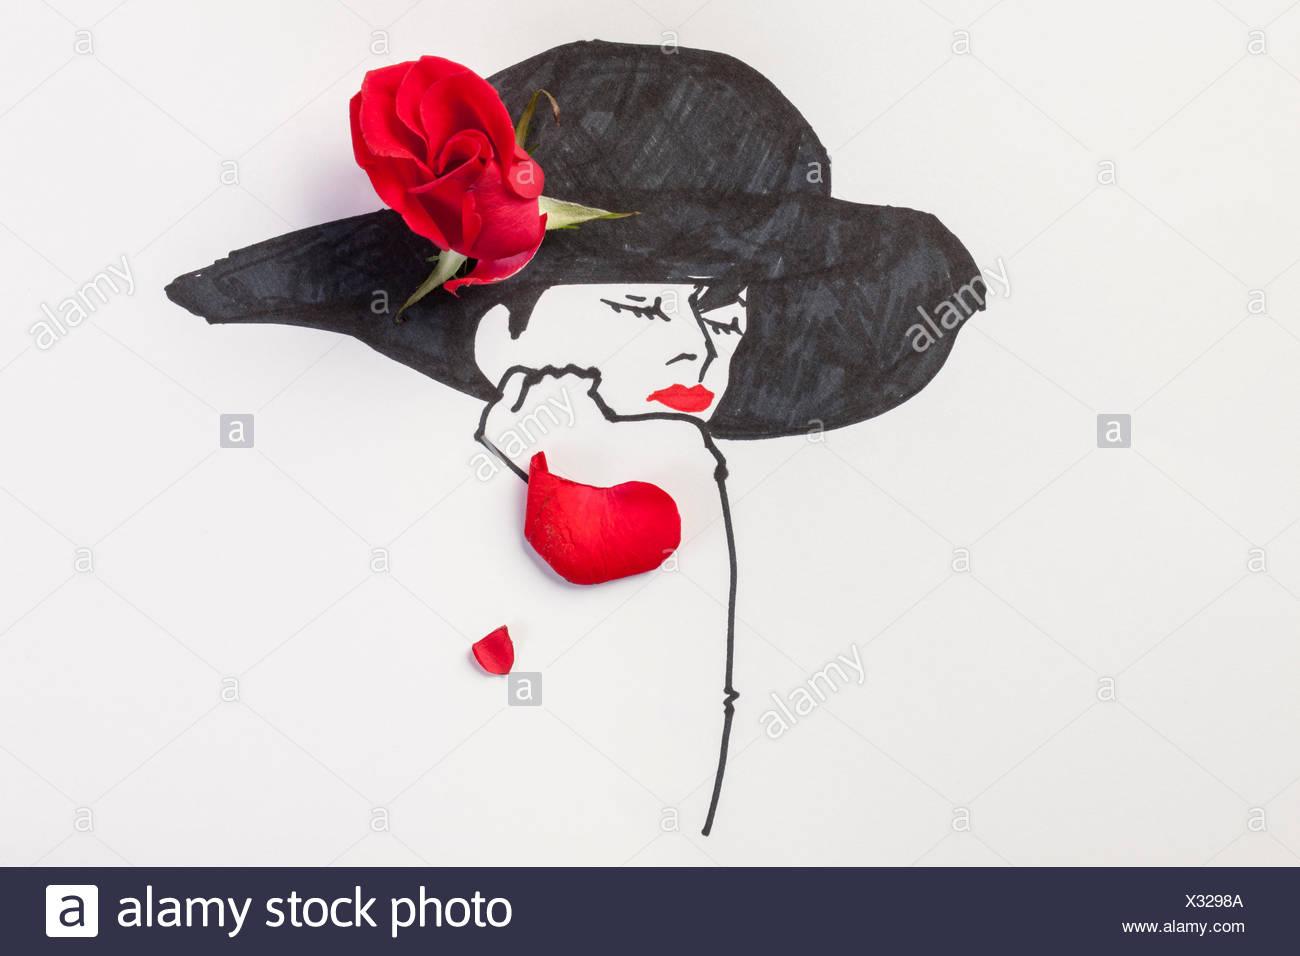 Ilustración de una mujer con un sombrero adornado con flores rojas ... 4fb183d2ce1